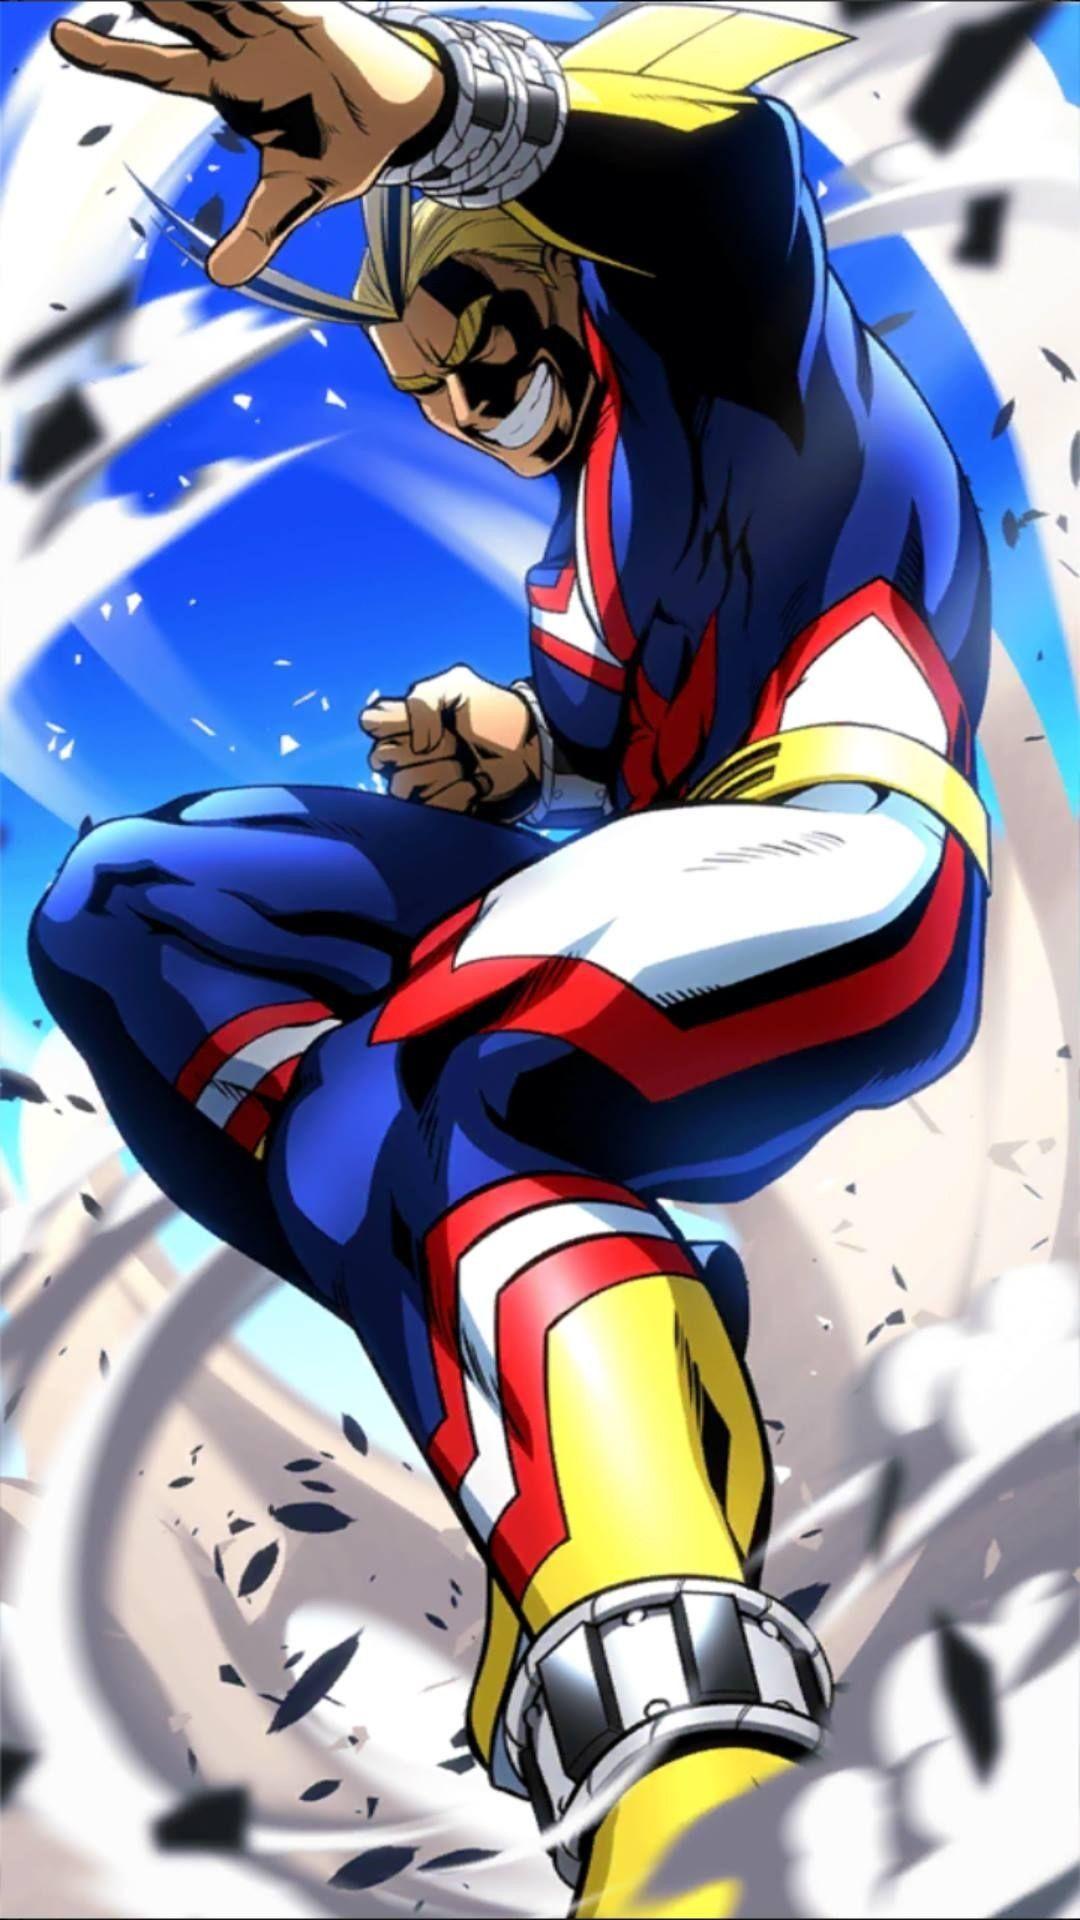 My Hero Academia Bnha Toshinori Yagi All Might Quirk One